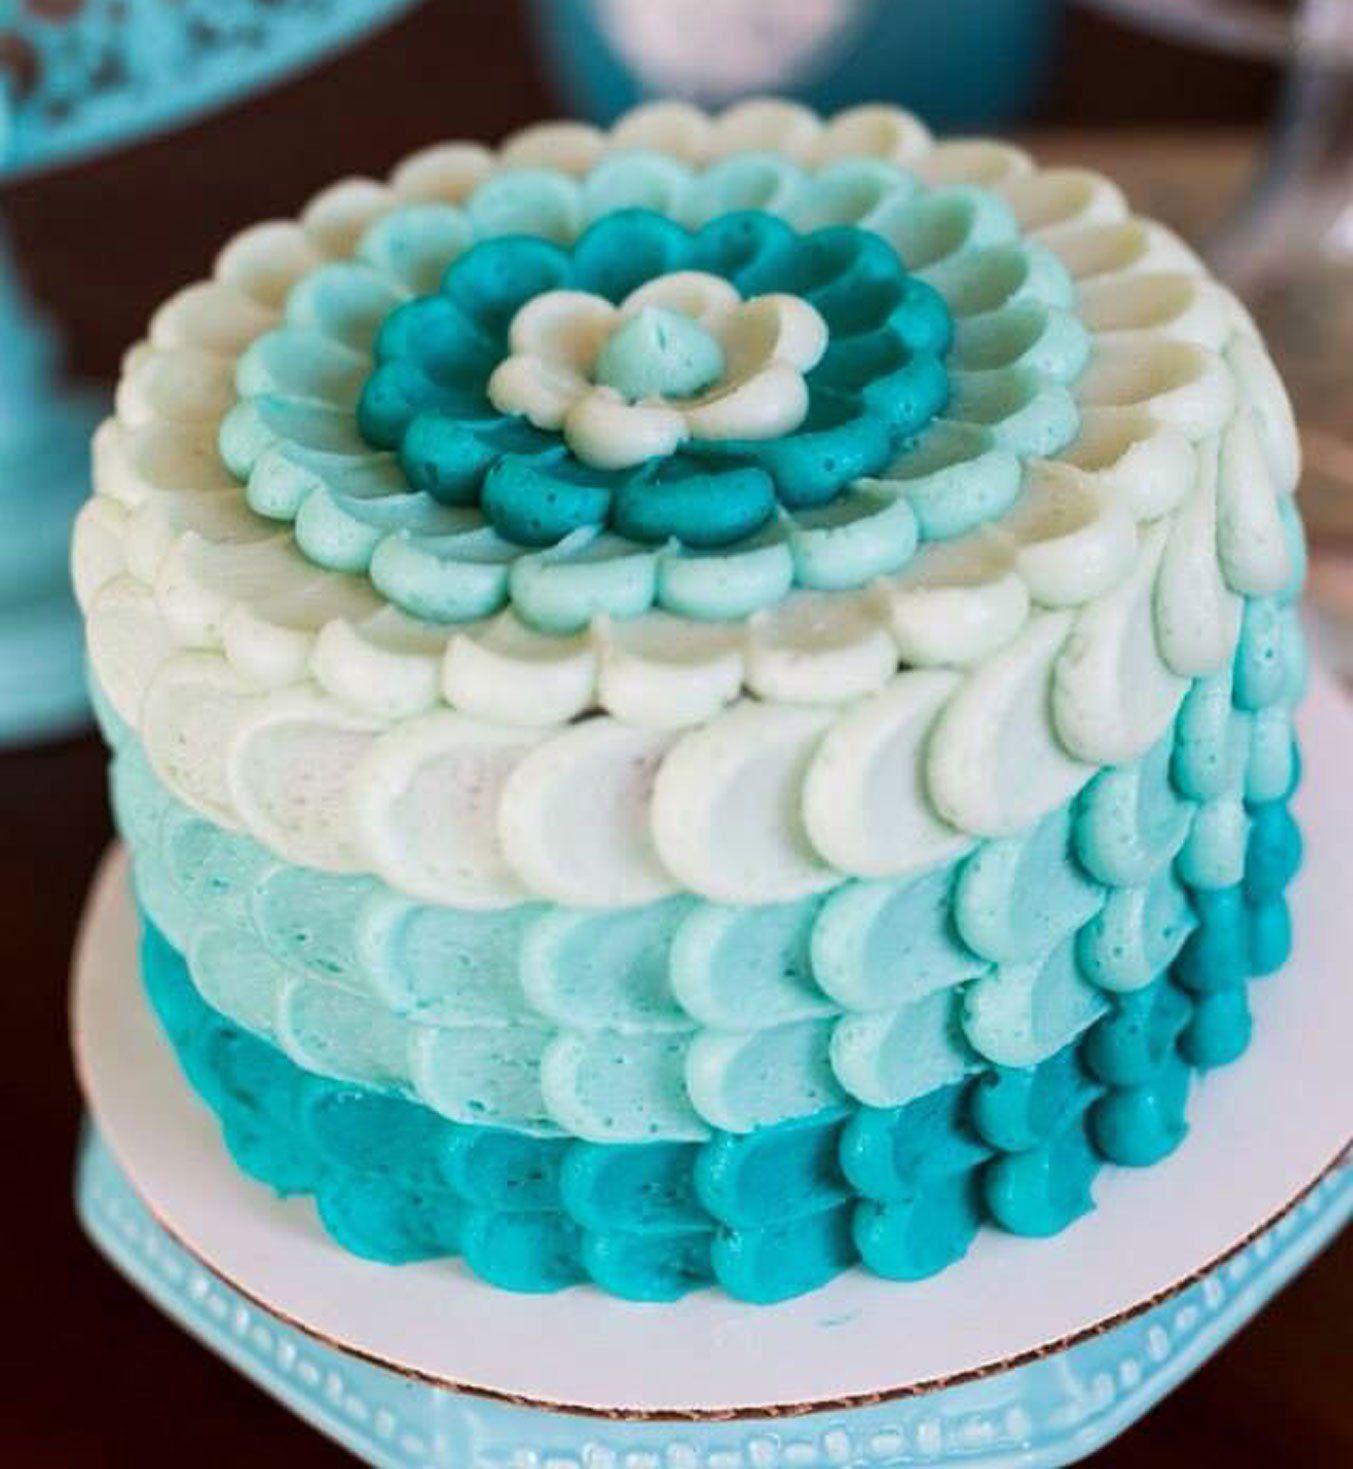 le petal cake un g teau fleuri parfait pour le printemps super gateaux cake cake. Black Bedroom Furniture Sets. Home Design Ideas